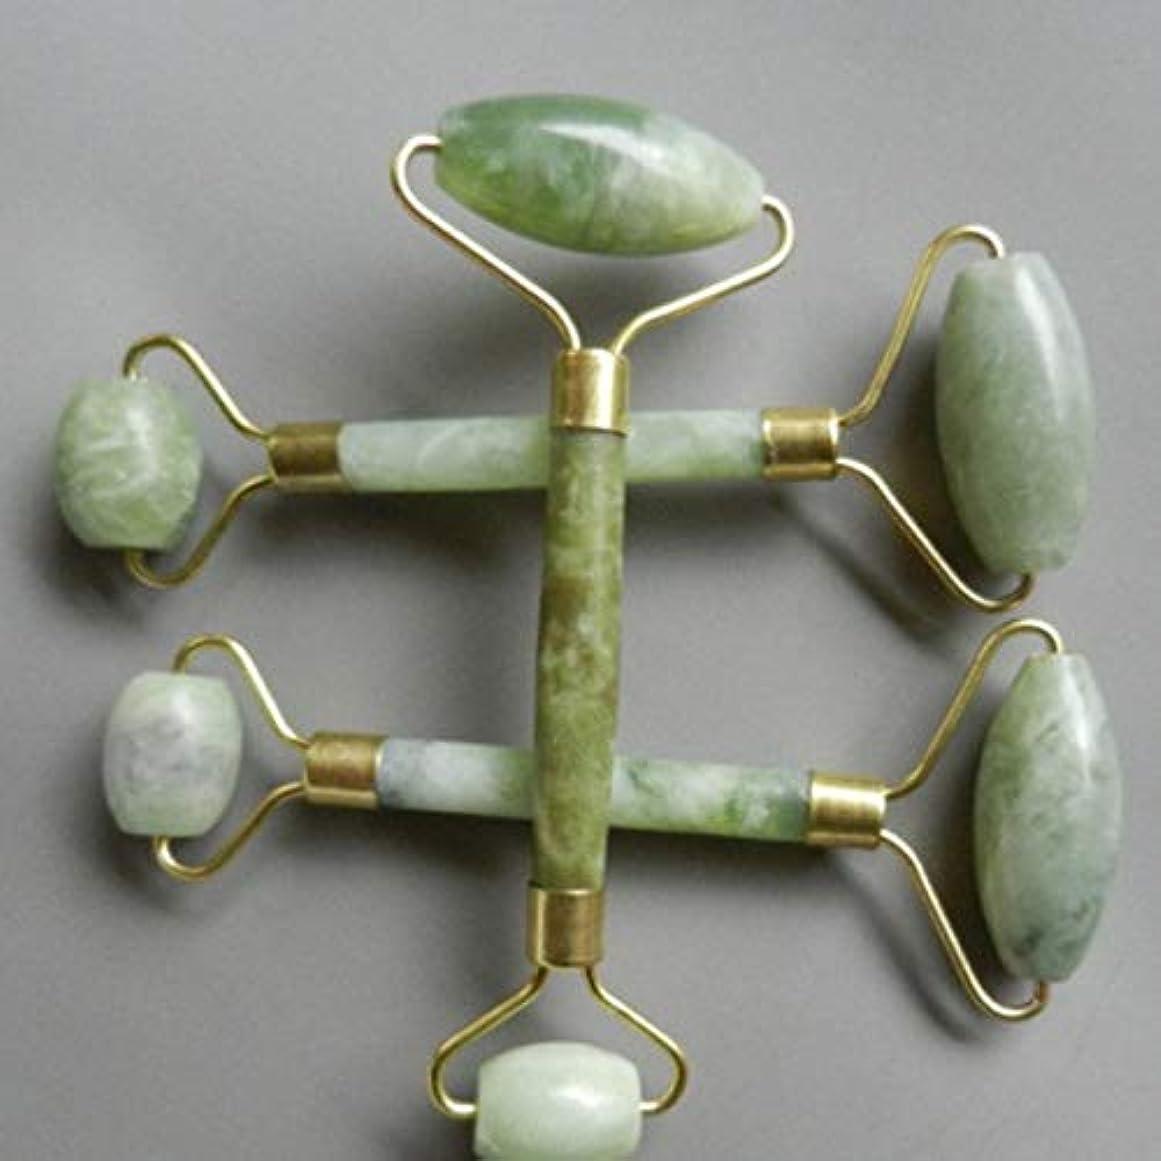 軽蔑するユーザー欲望Jade Roller Massager Natural Serpentine Jade Massage Wand Face Massager Roller Beauty Bar Healing Stone